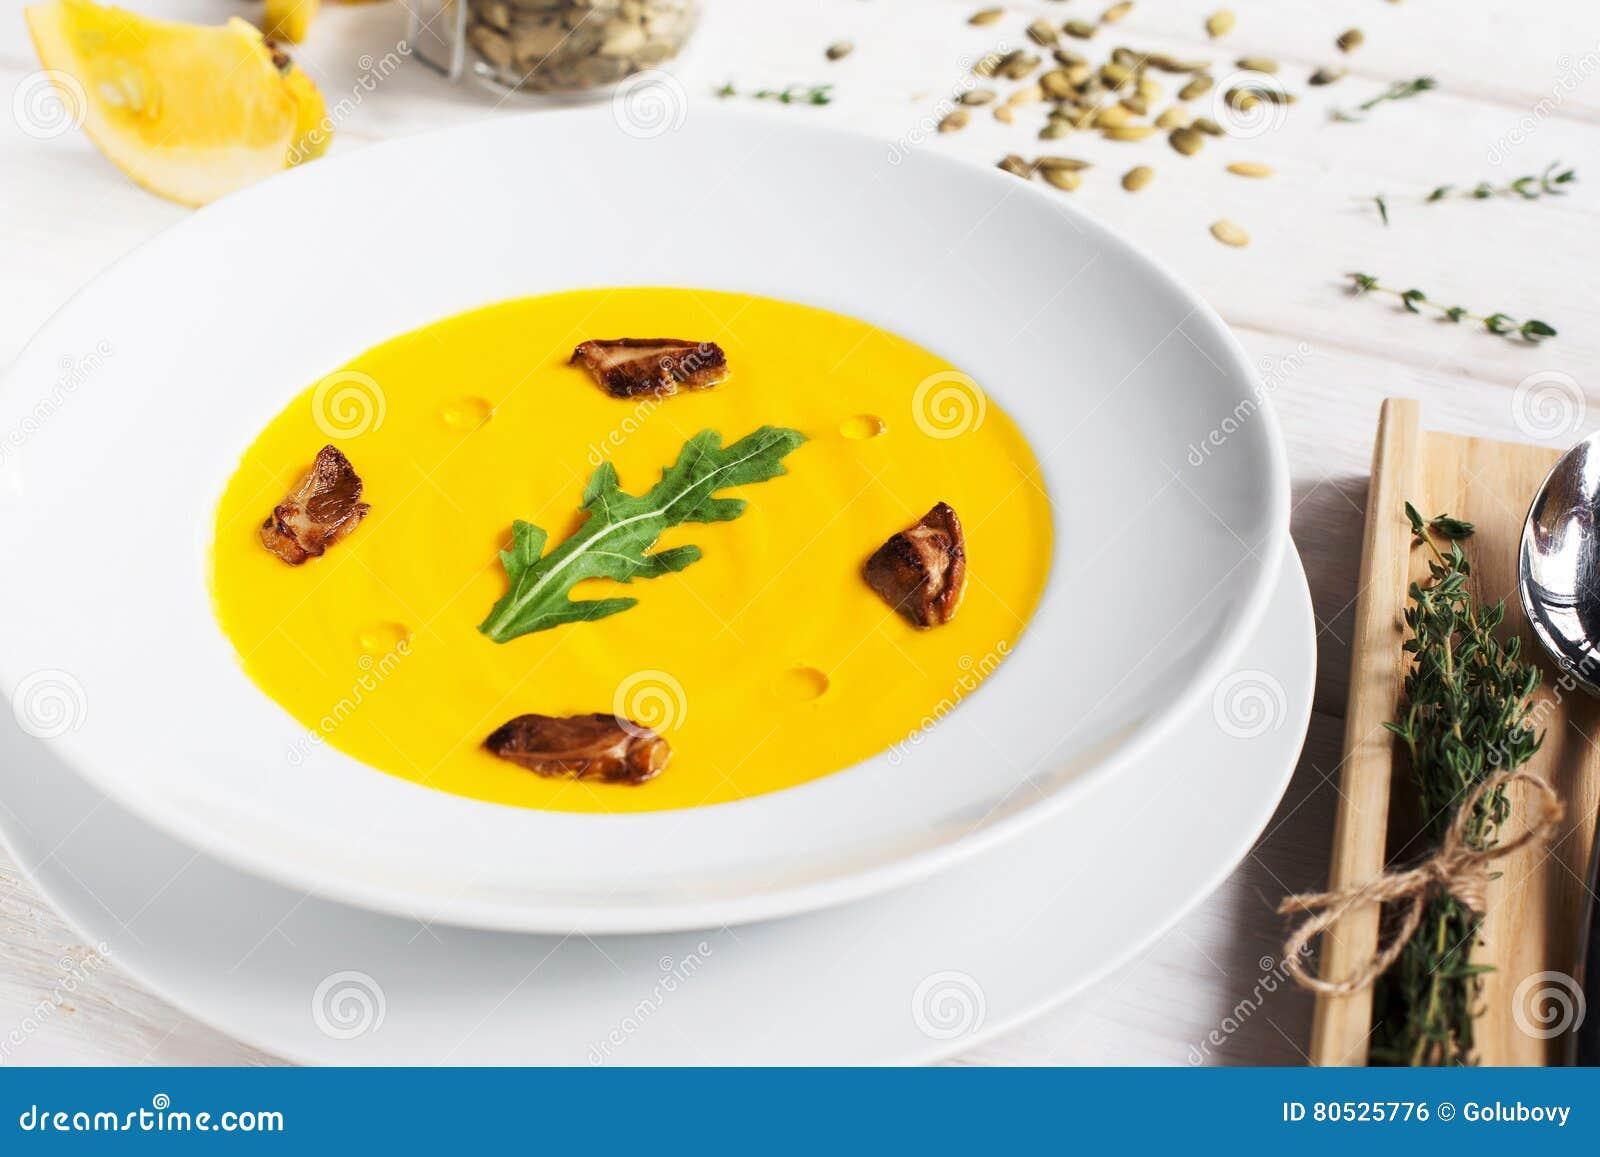 Soupe au curry à carotte avec des champignons et des herbes